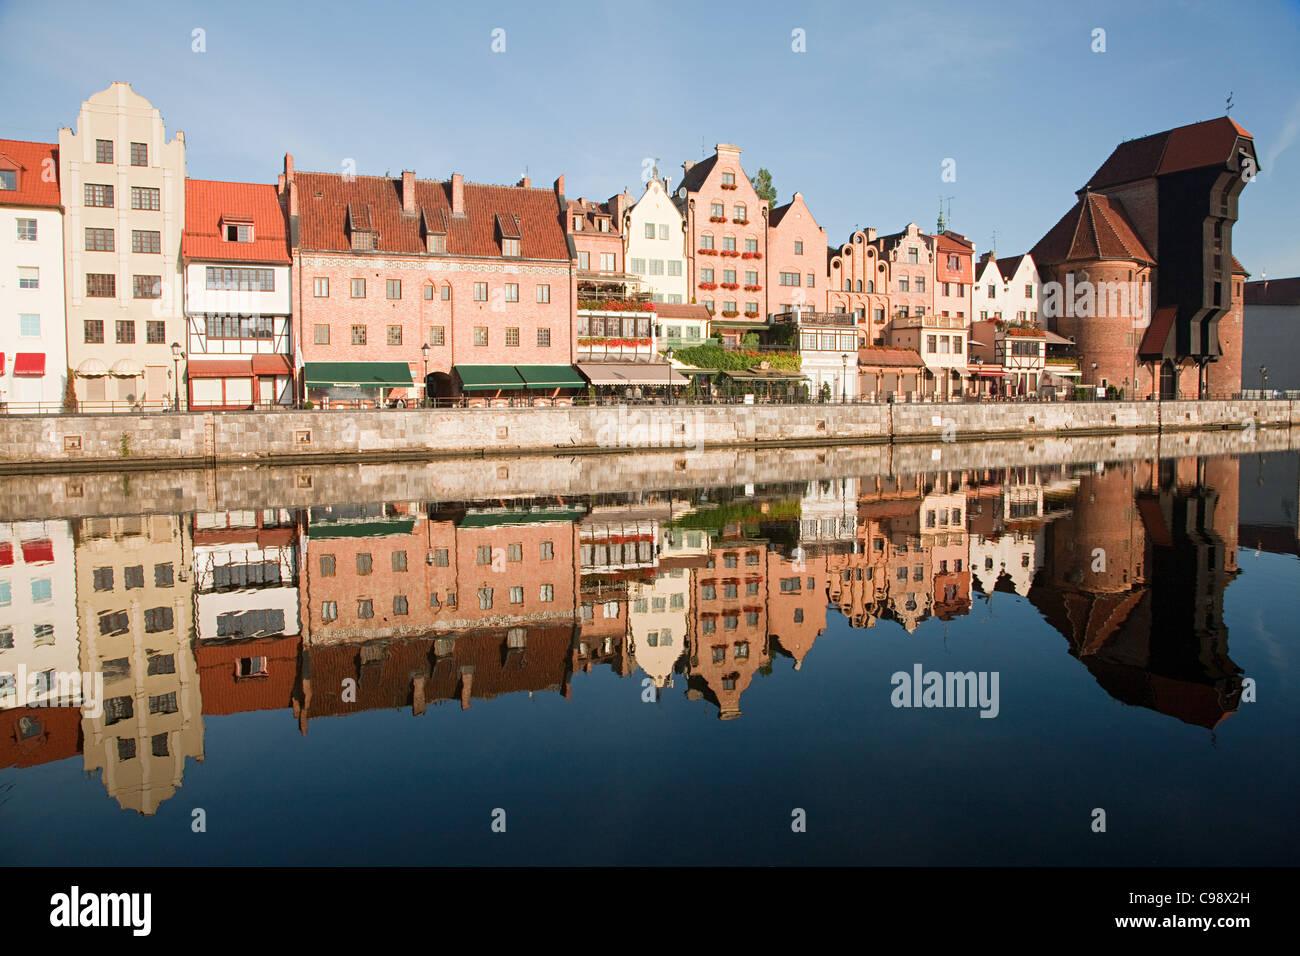 Les bâtiments reflètent dans l'eau, Gdansk, Pologne Photo Stock